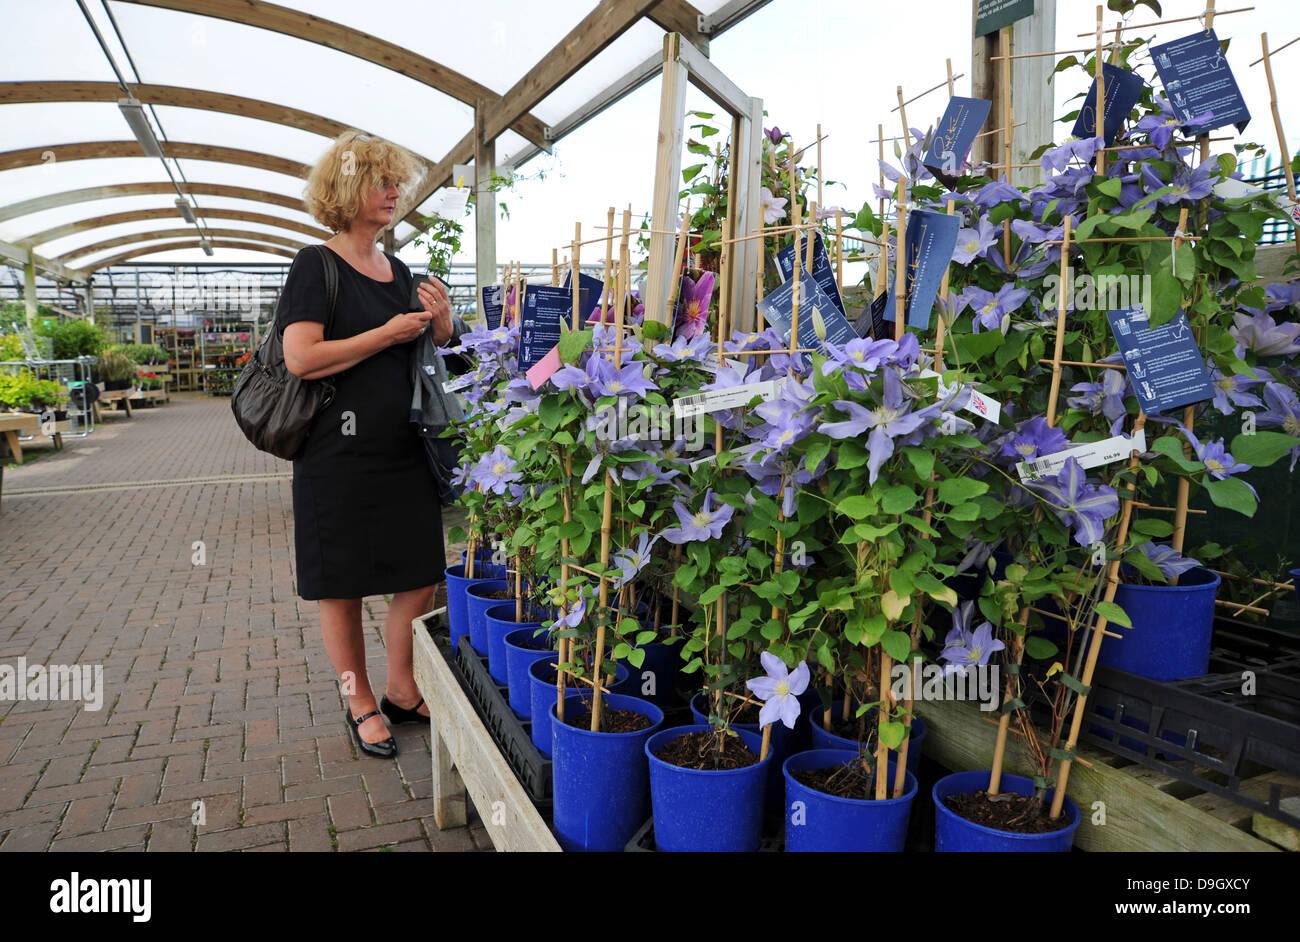 Retail Shopping Centres Uk Stock Photos Retail Shopping Centres